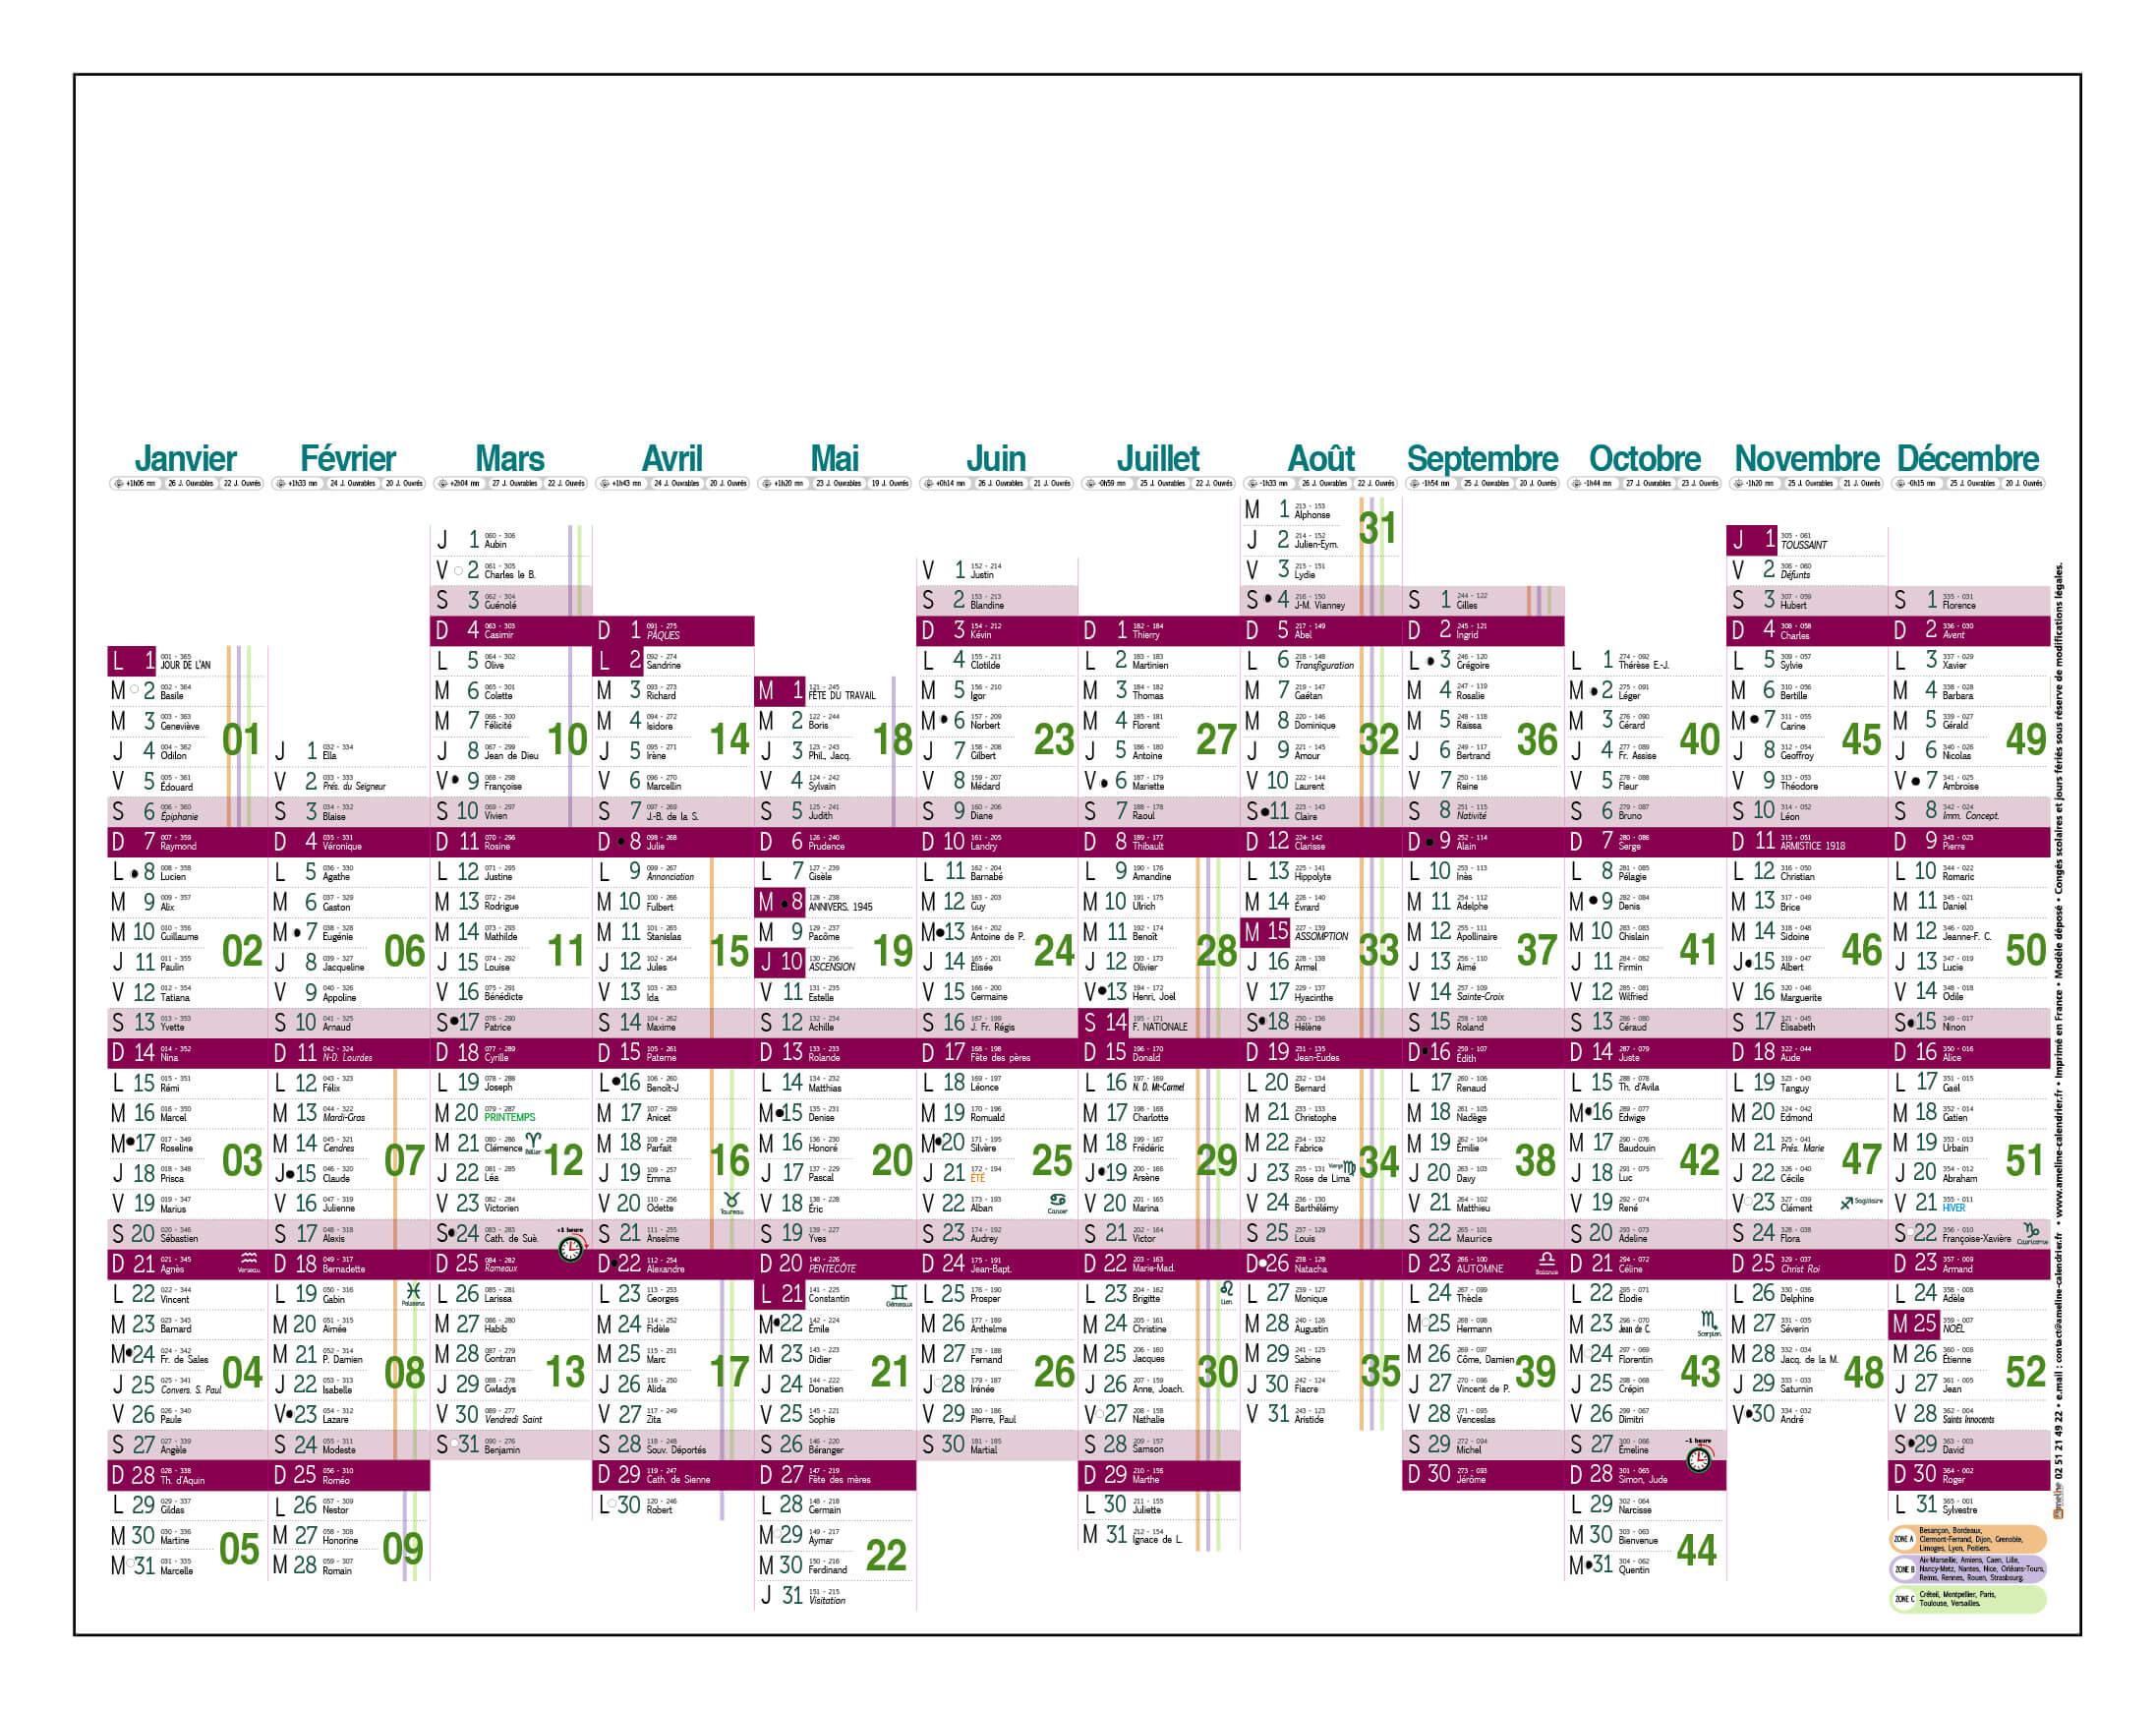 Grille-calendrier-2018-dimanches-alignés-G-12-mois